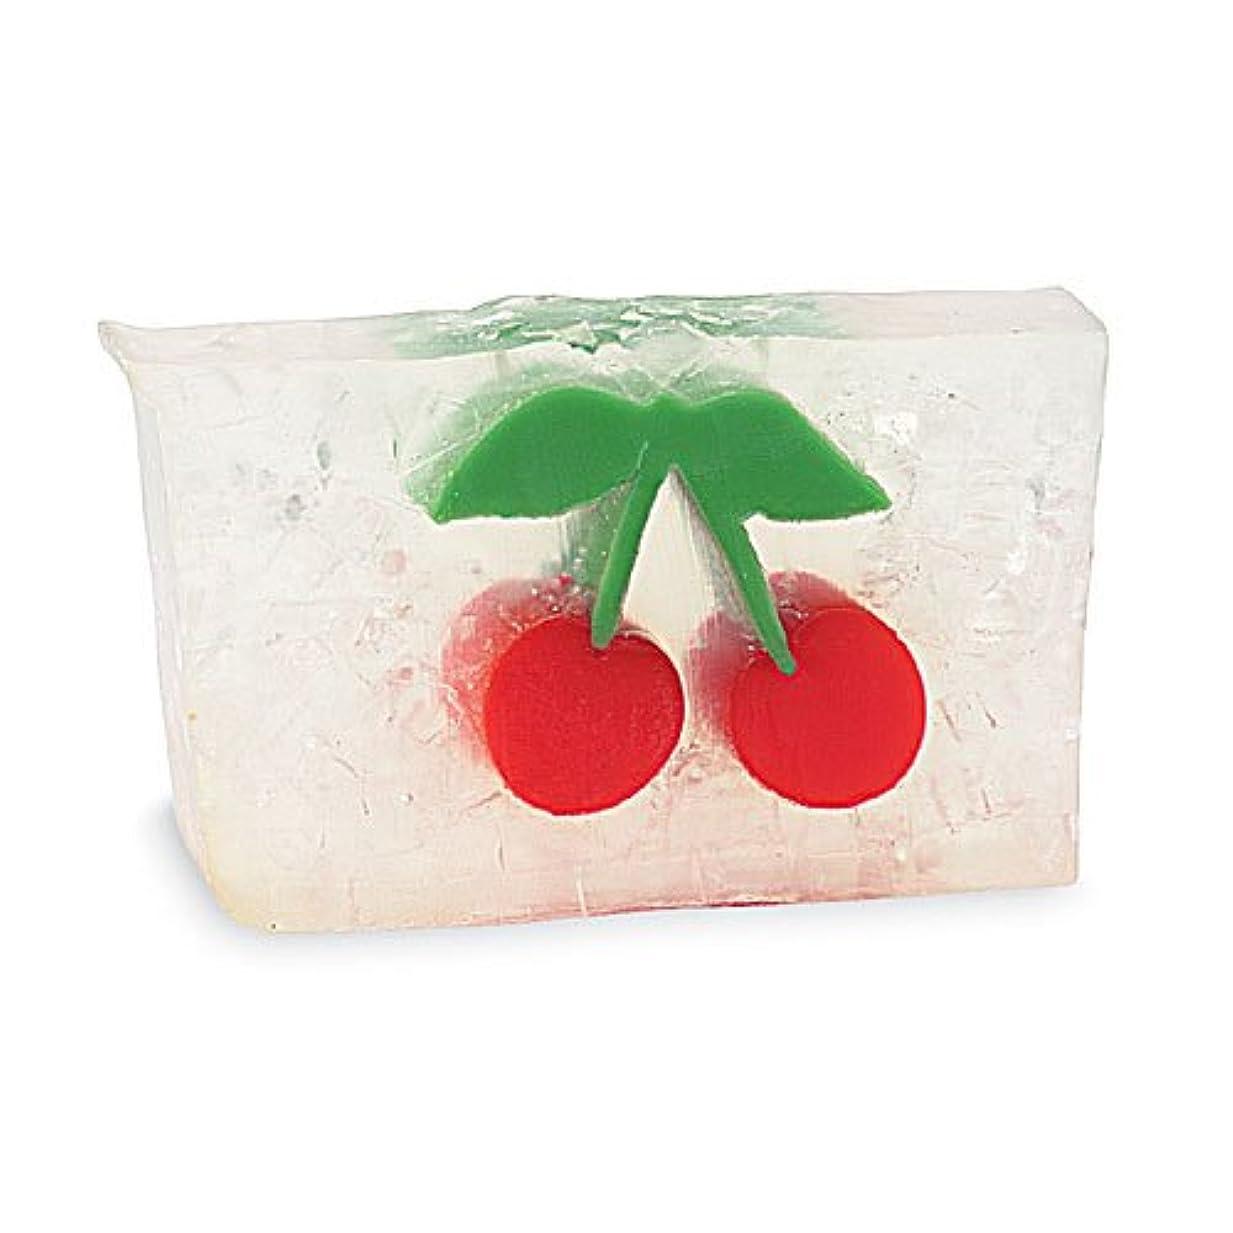 コンパスお誕生日司書プライモールエレメンツ アロマティック ソープ チェリー 180g 植物性 ナチュラル 石鹸 無添加